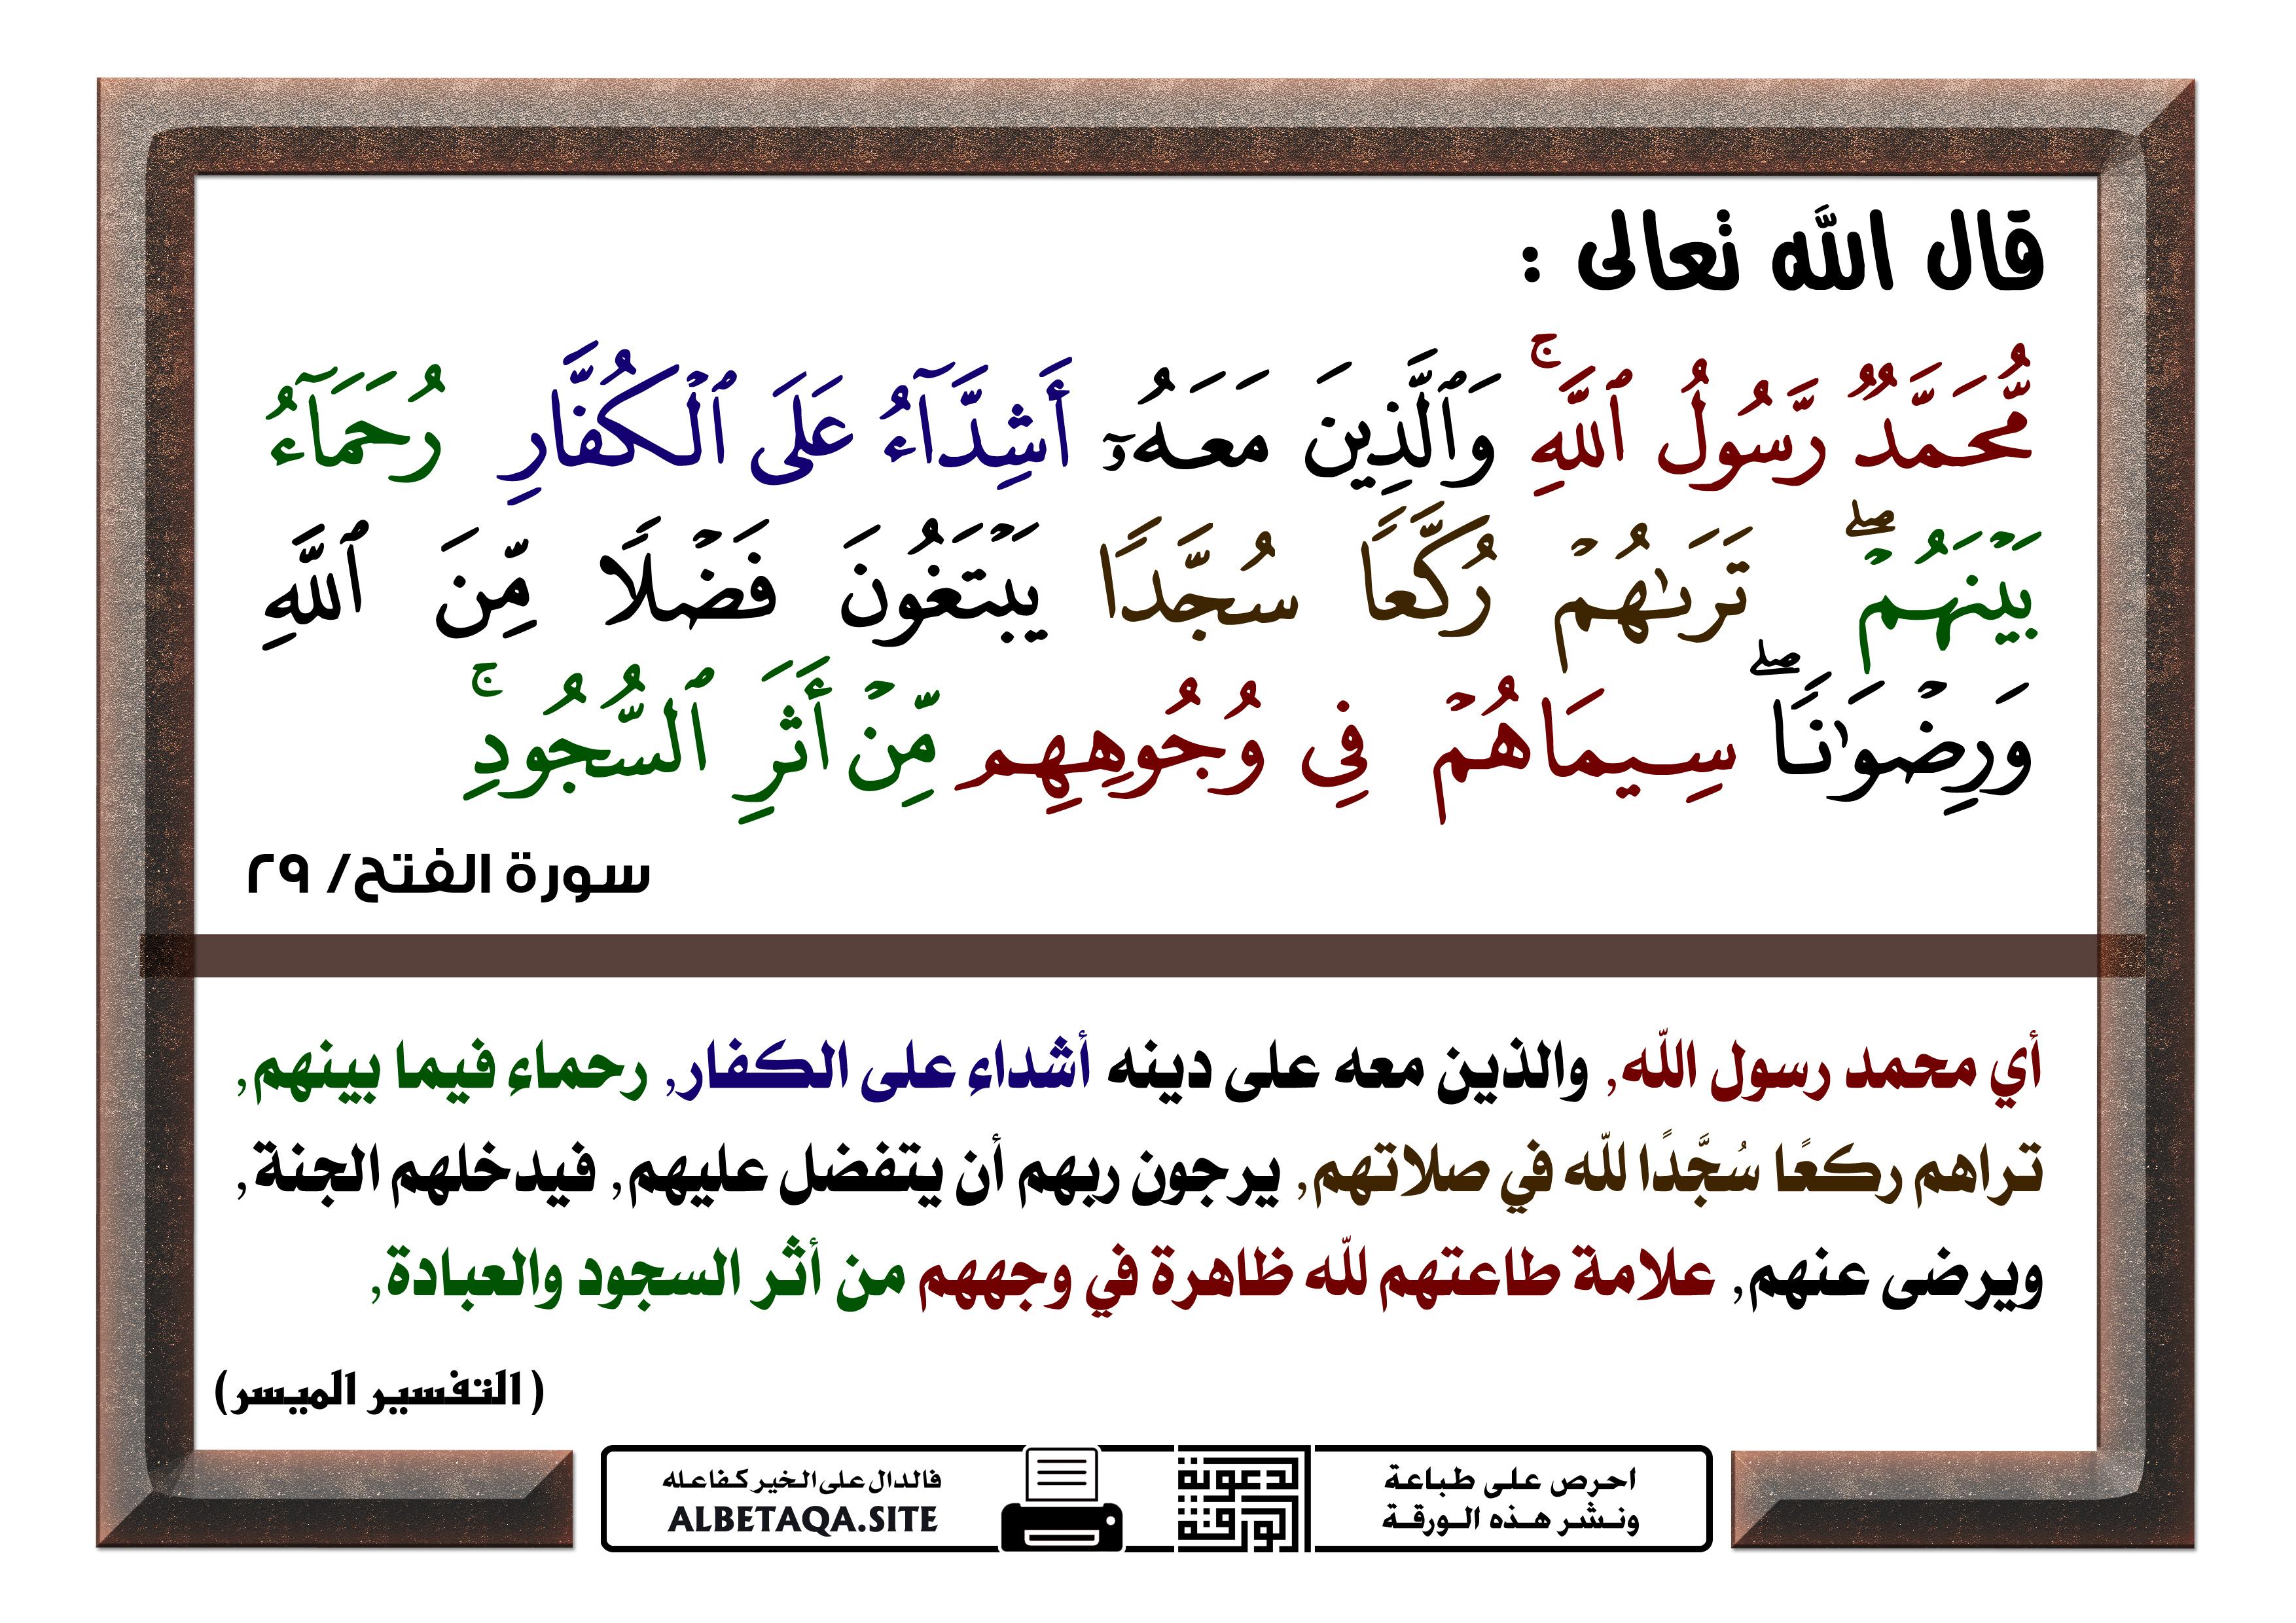 محمد رسول الله والذين معه أشداء على الكفار رحماء بينهم موقع البطاقة الدعوي